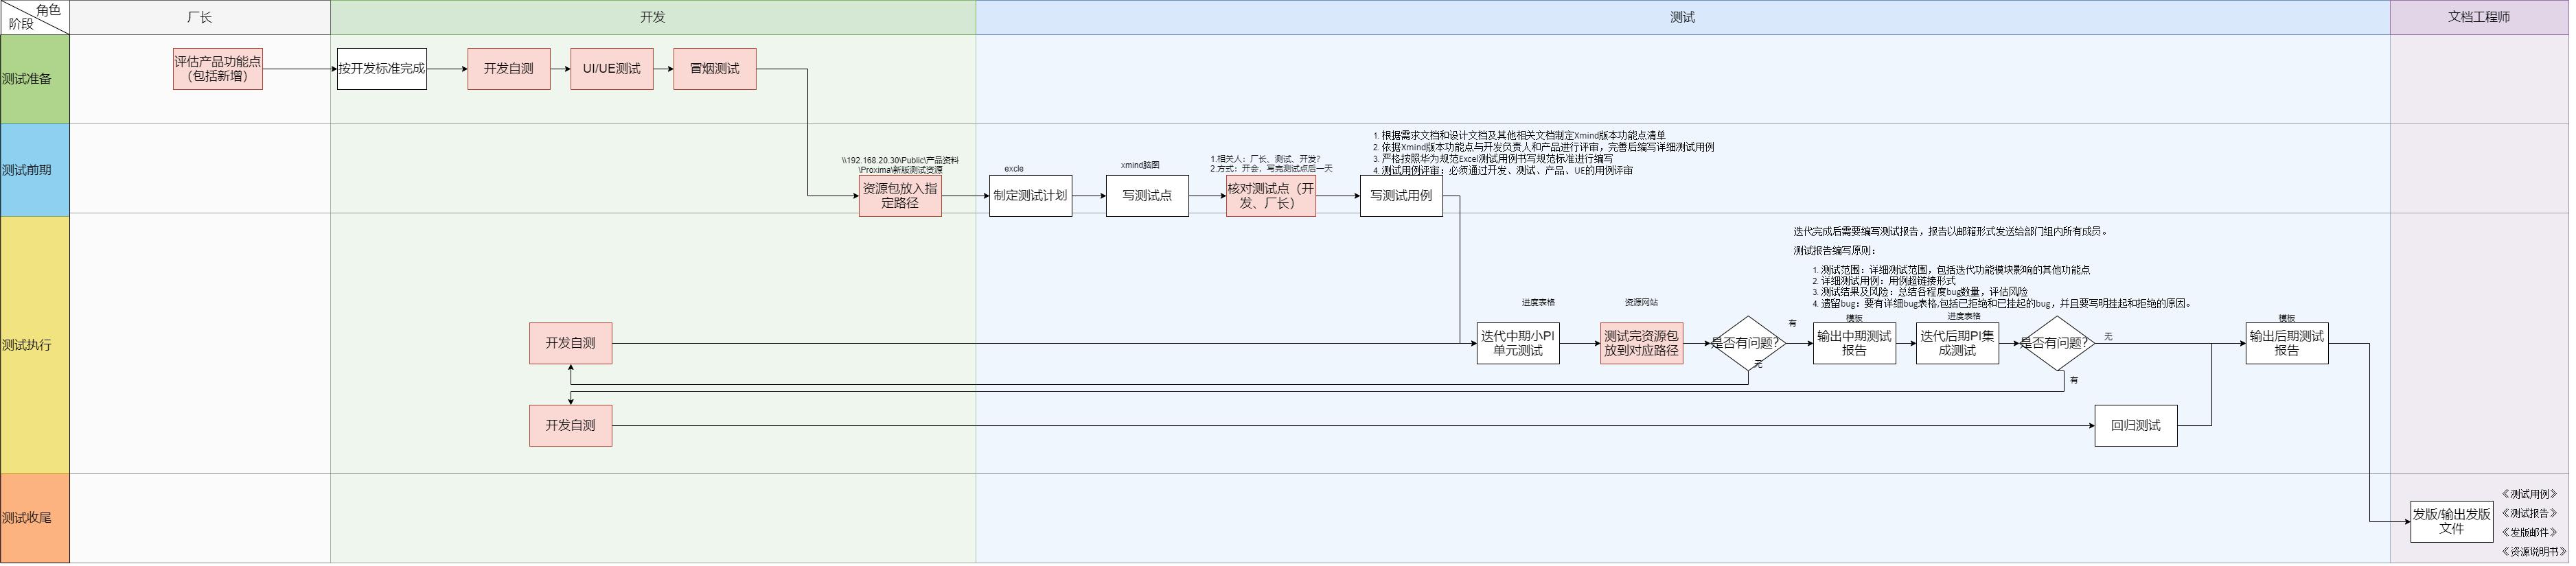 Proxima整体流程-3D测试流程